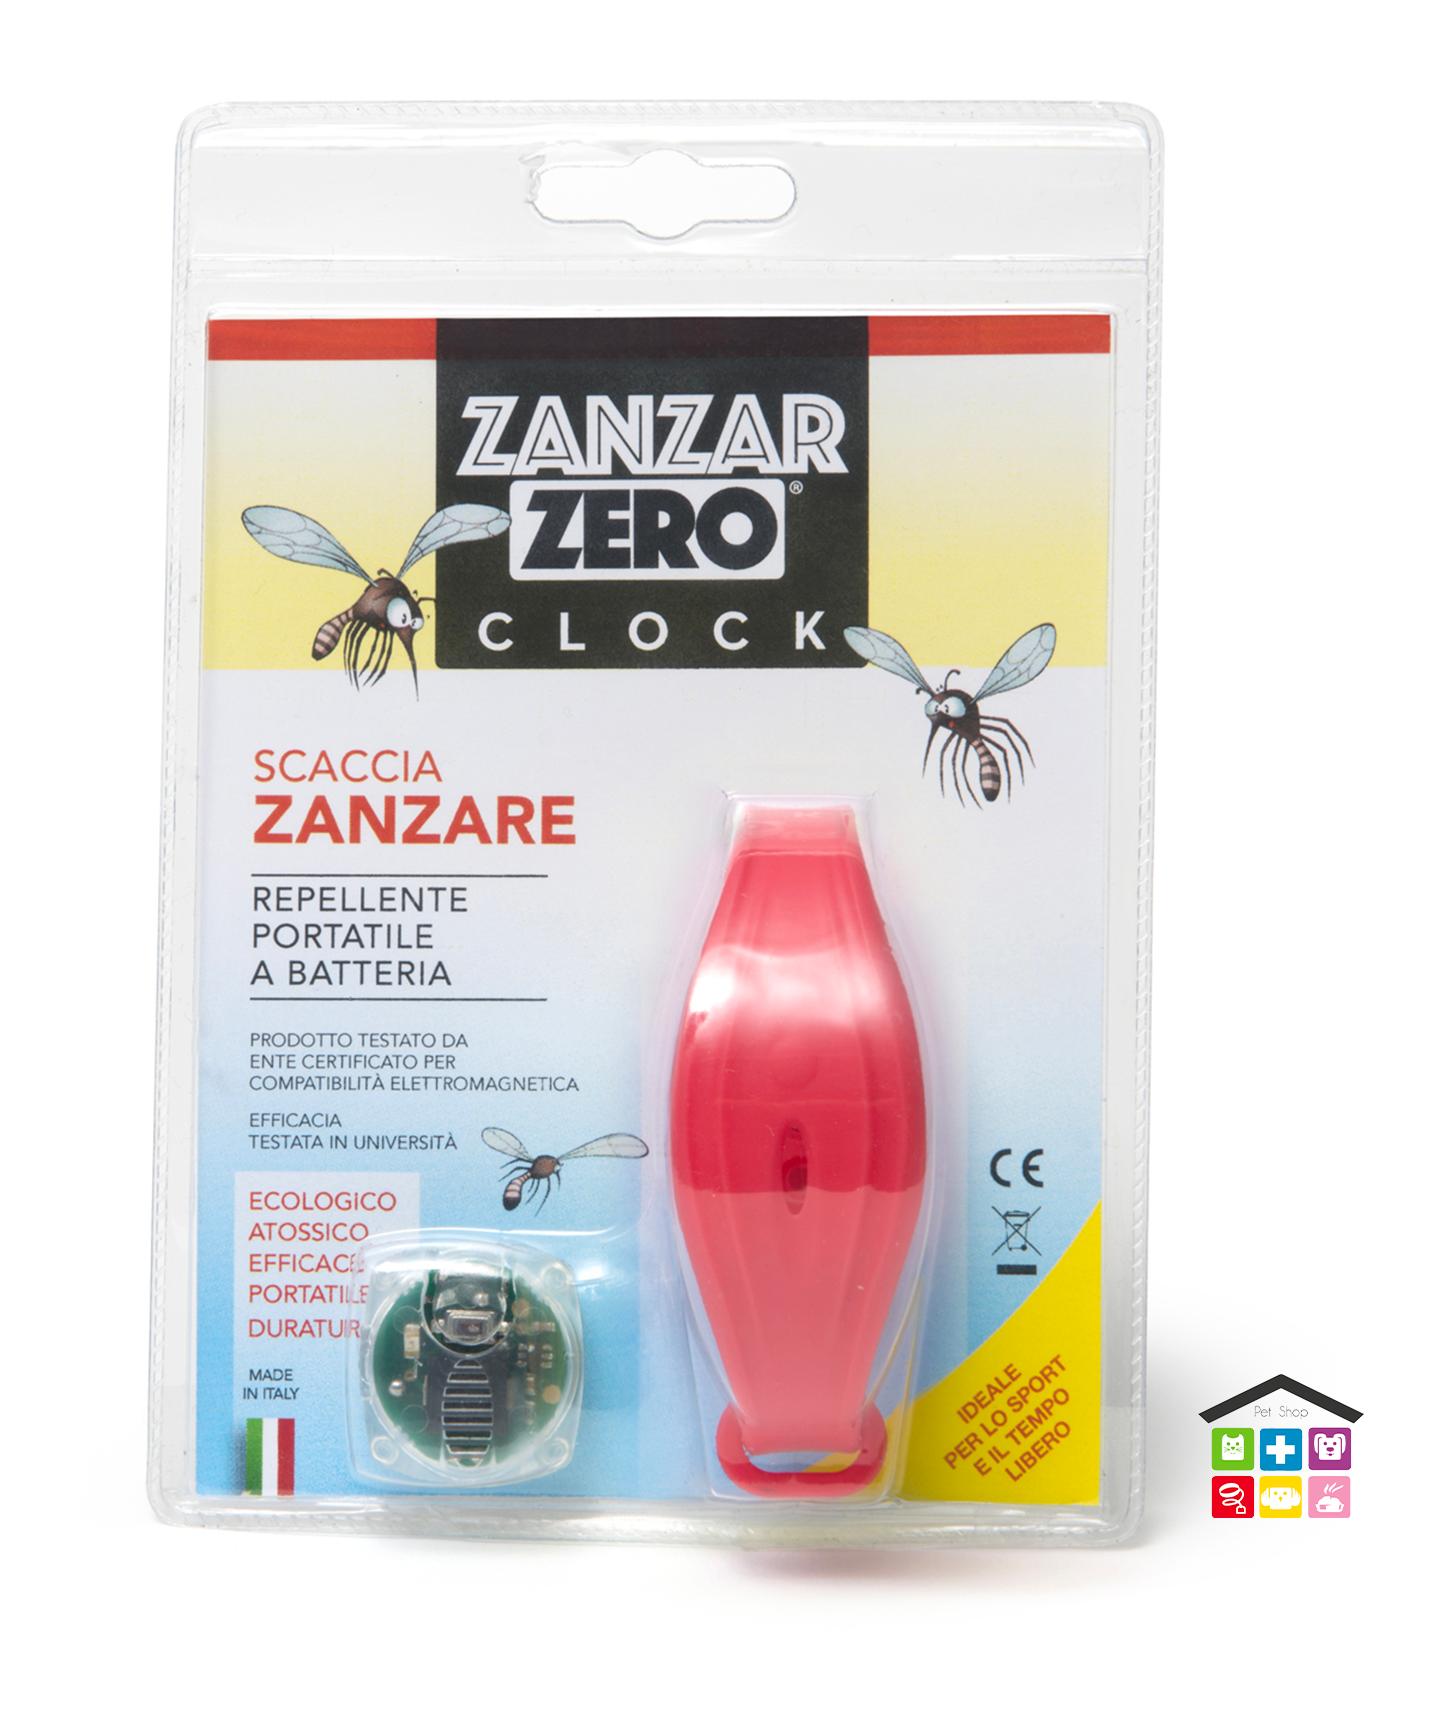 ZANZARZERO® CLOCK REPELLENTE ELETTRONICO PORTATILE SCACCIA ZANZARE